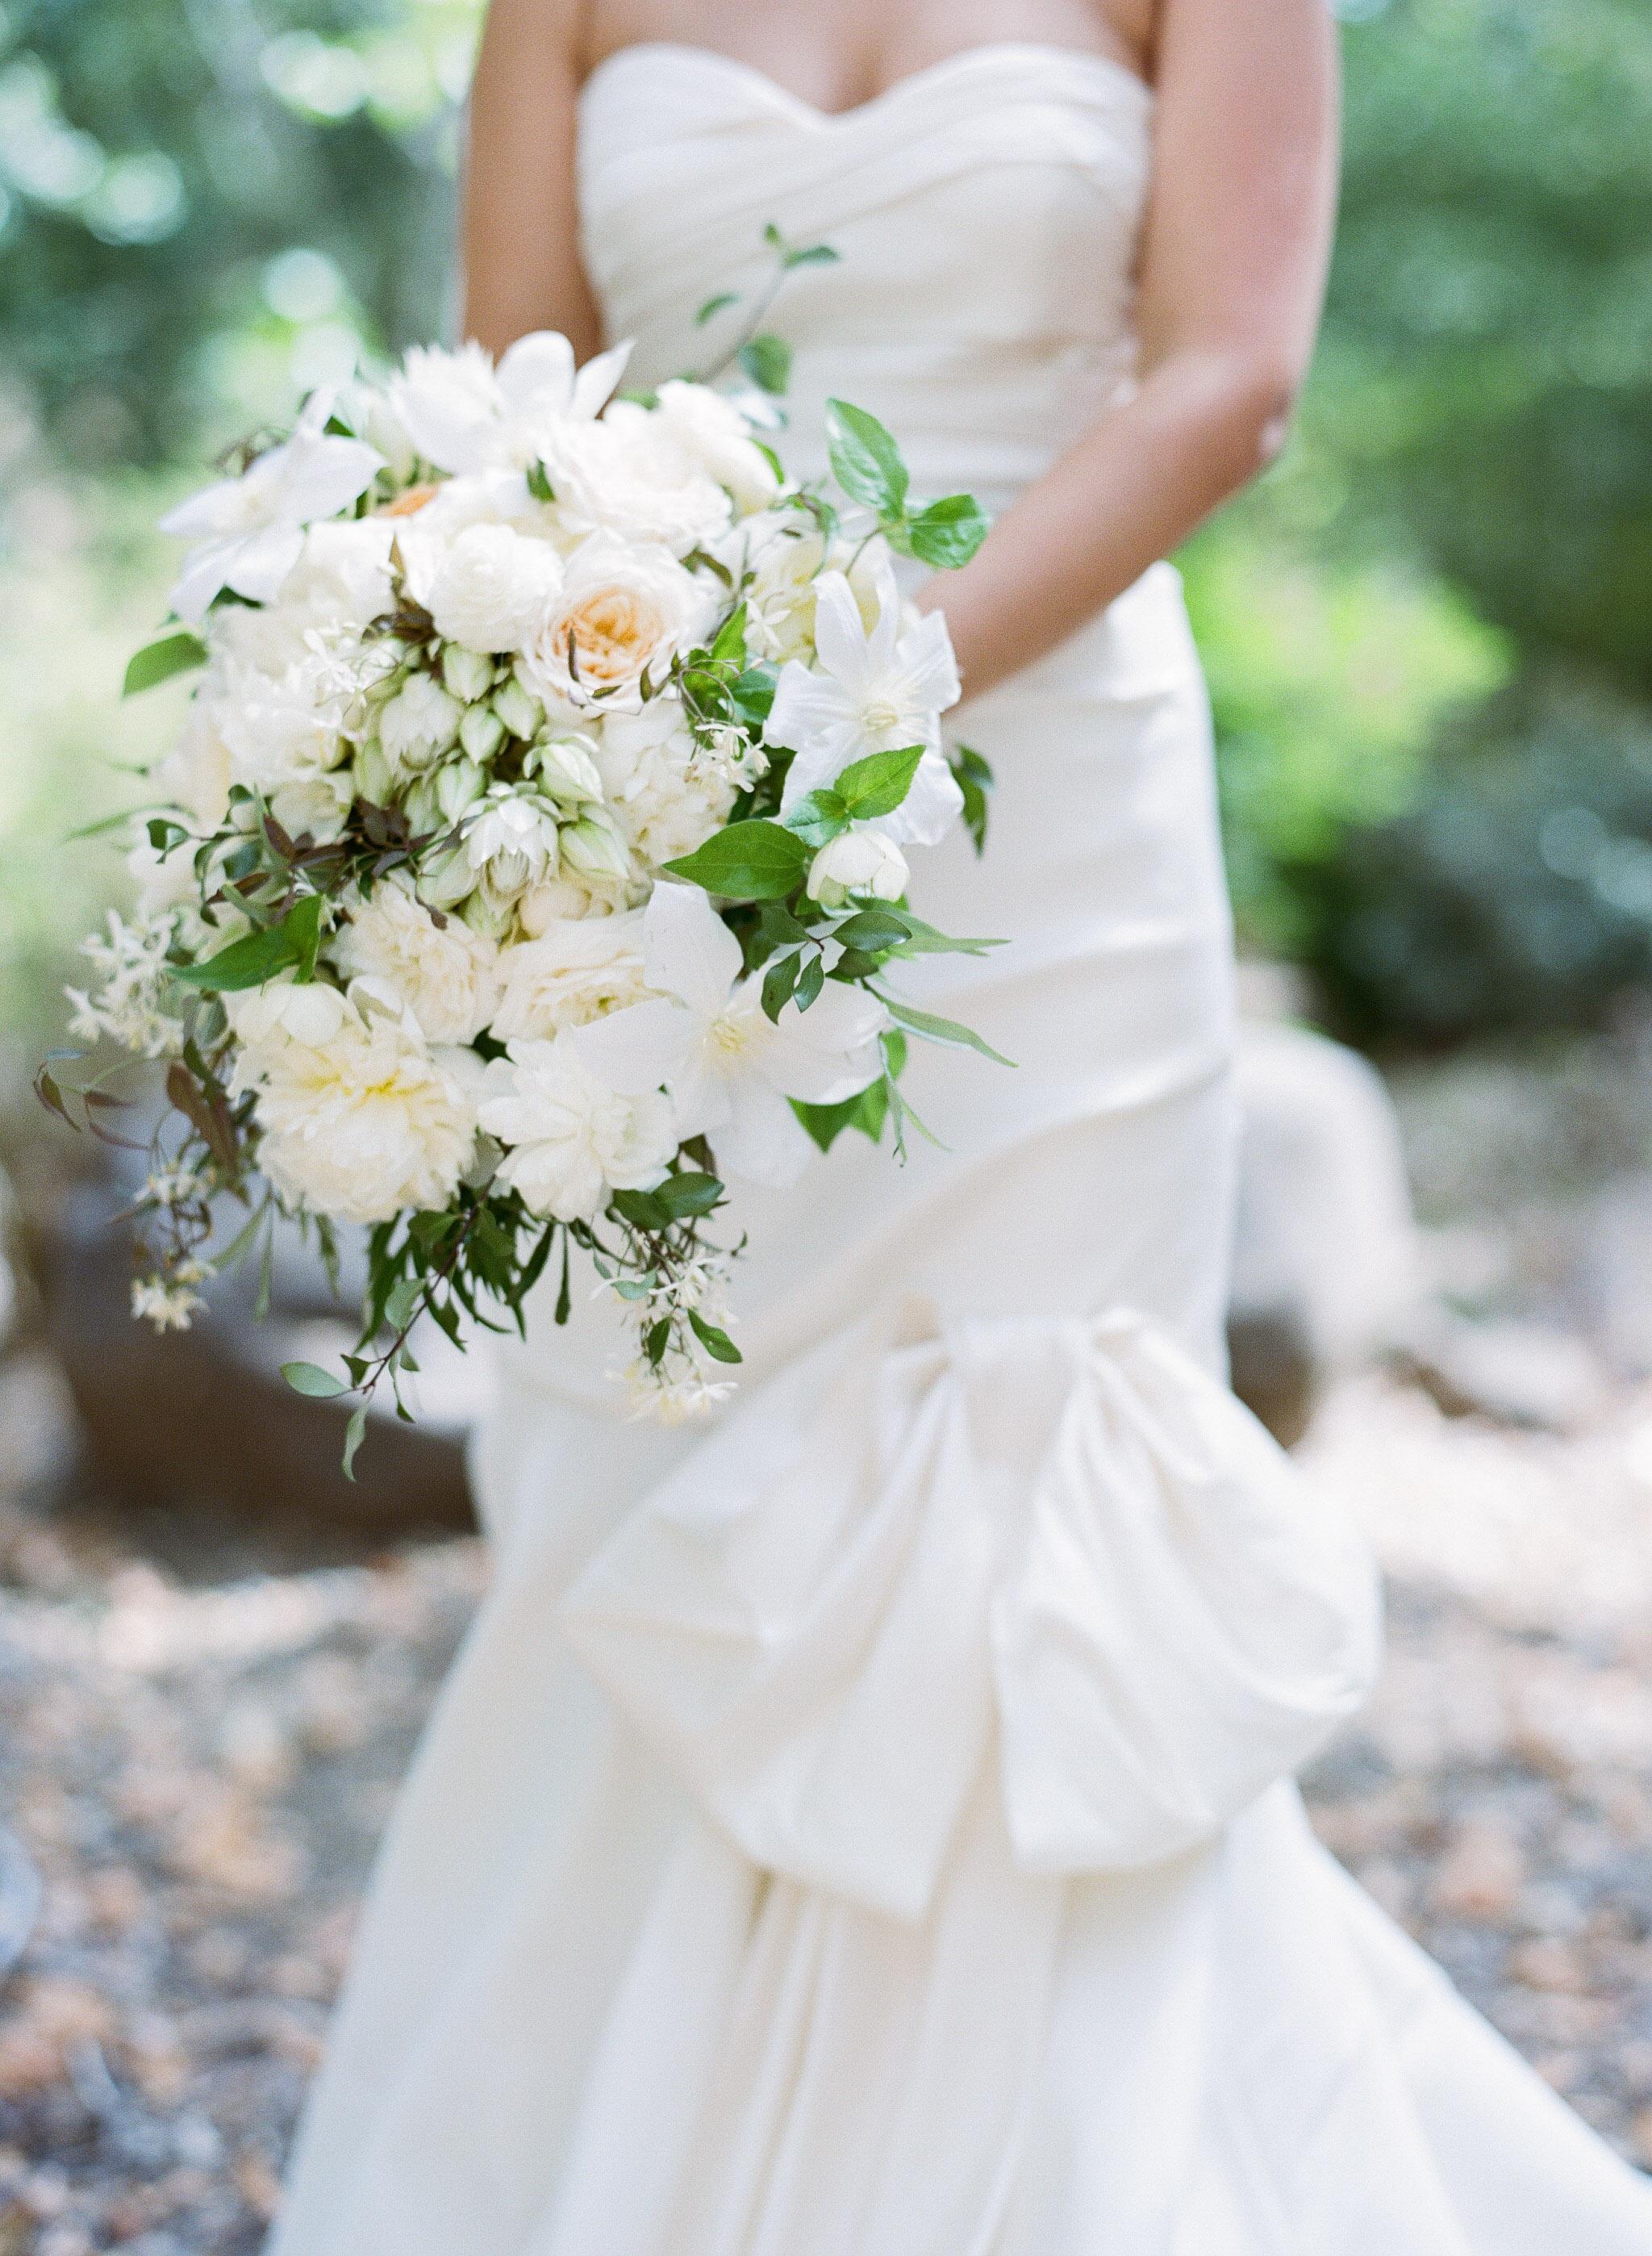 SylvieGil-Bride, Ceremony, Family, film, Groom, Napa, Reception, Wedding, Wedding Party-18.jpg